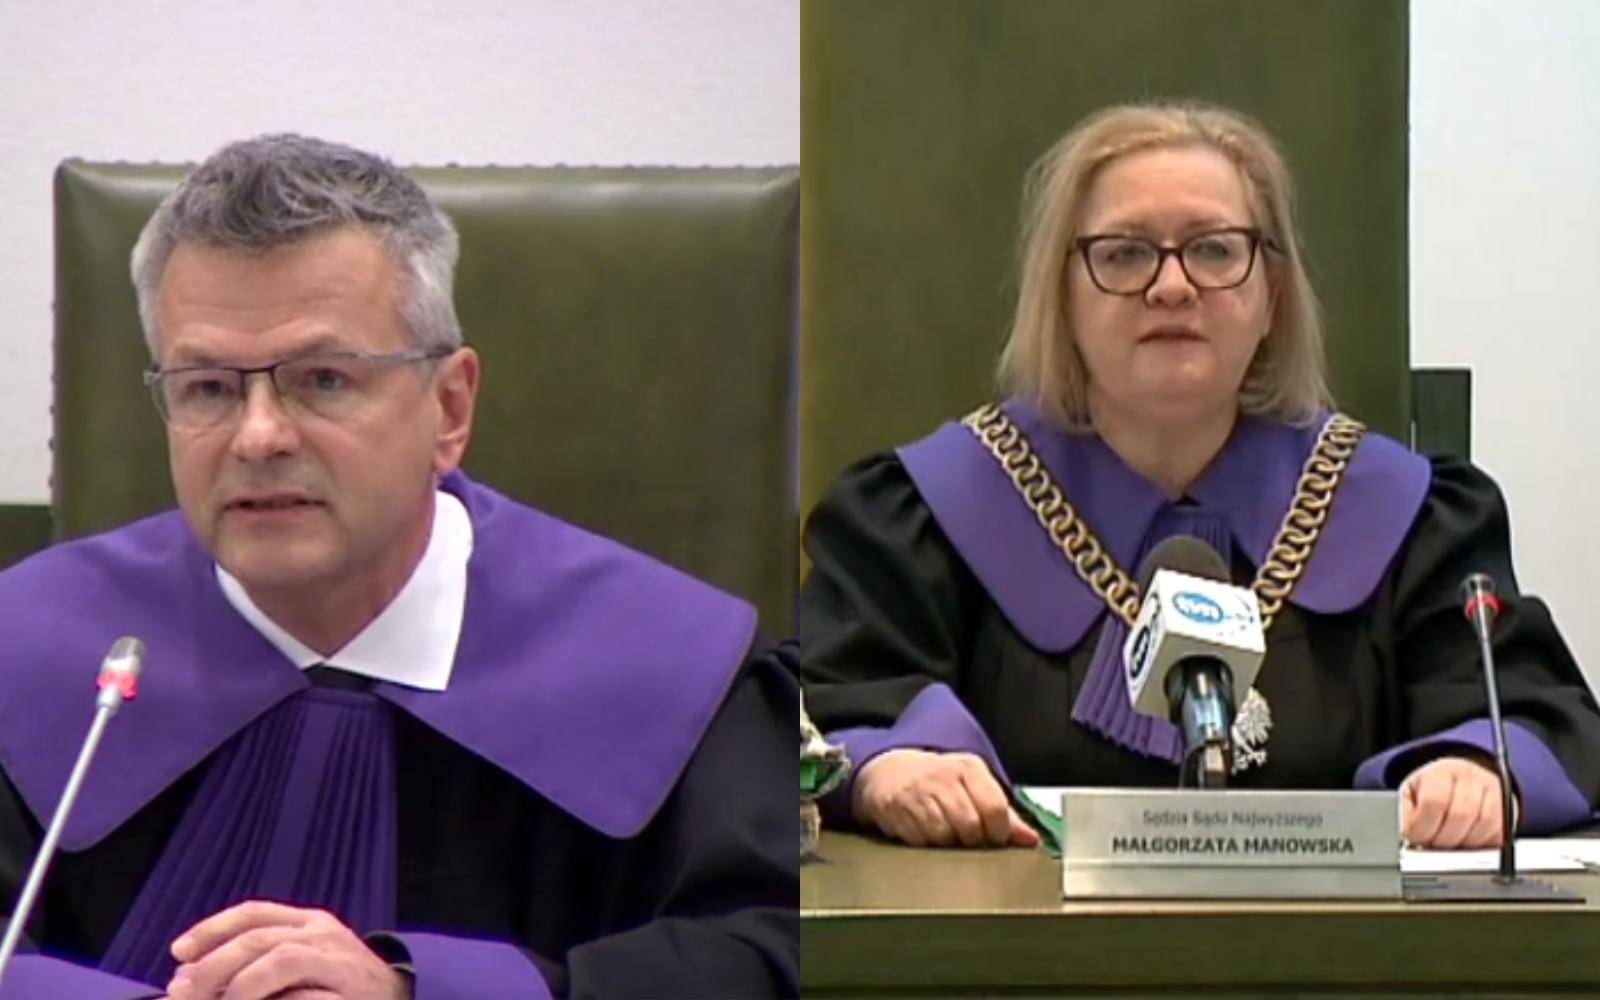 Sędziowie Sądu Najwyższego: jeśli prezydent powoła I prezesa, złamie Konstytucję